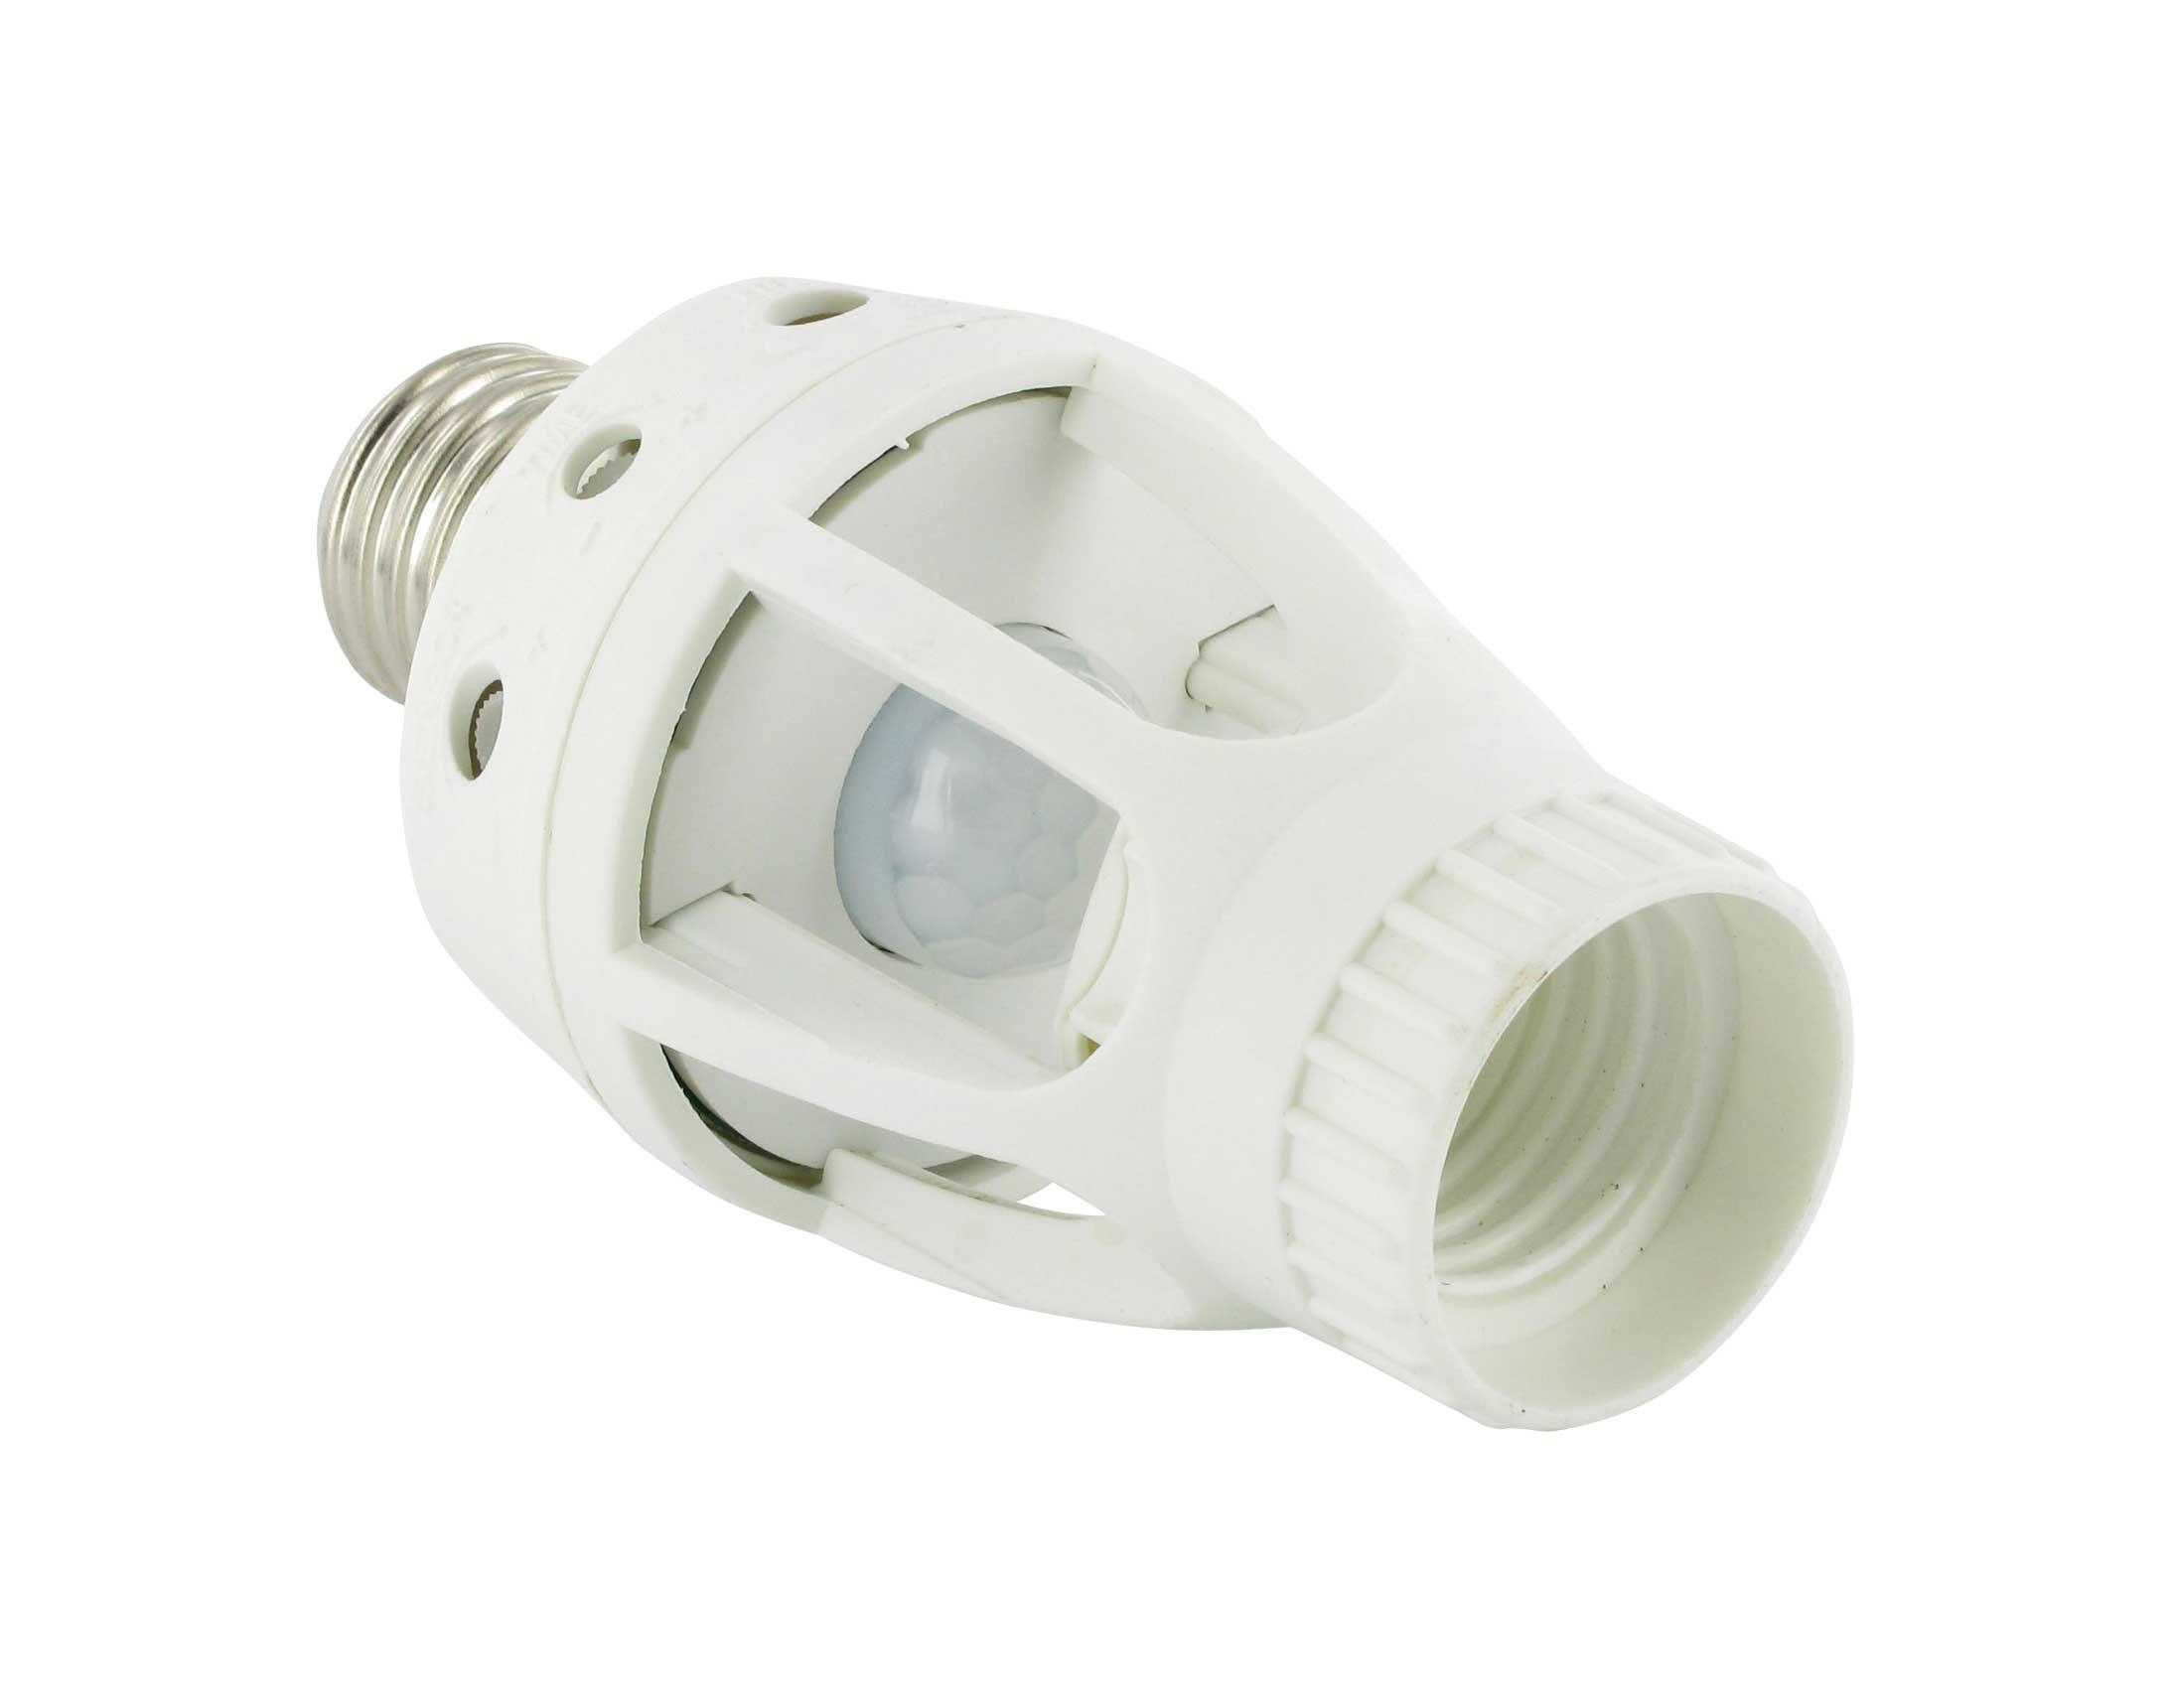 La douille détecteur de présence et mouvement : la détection de présence sans montage électrique !